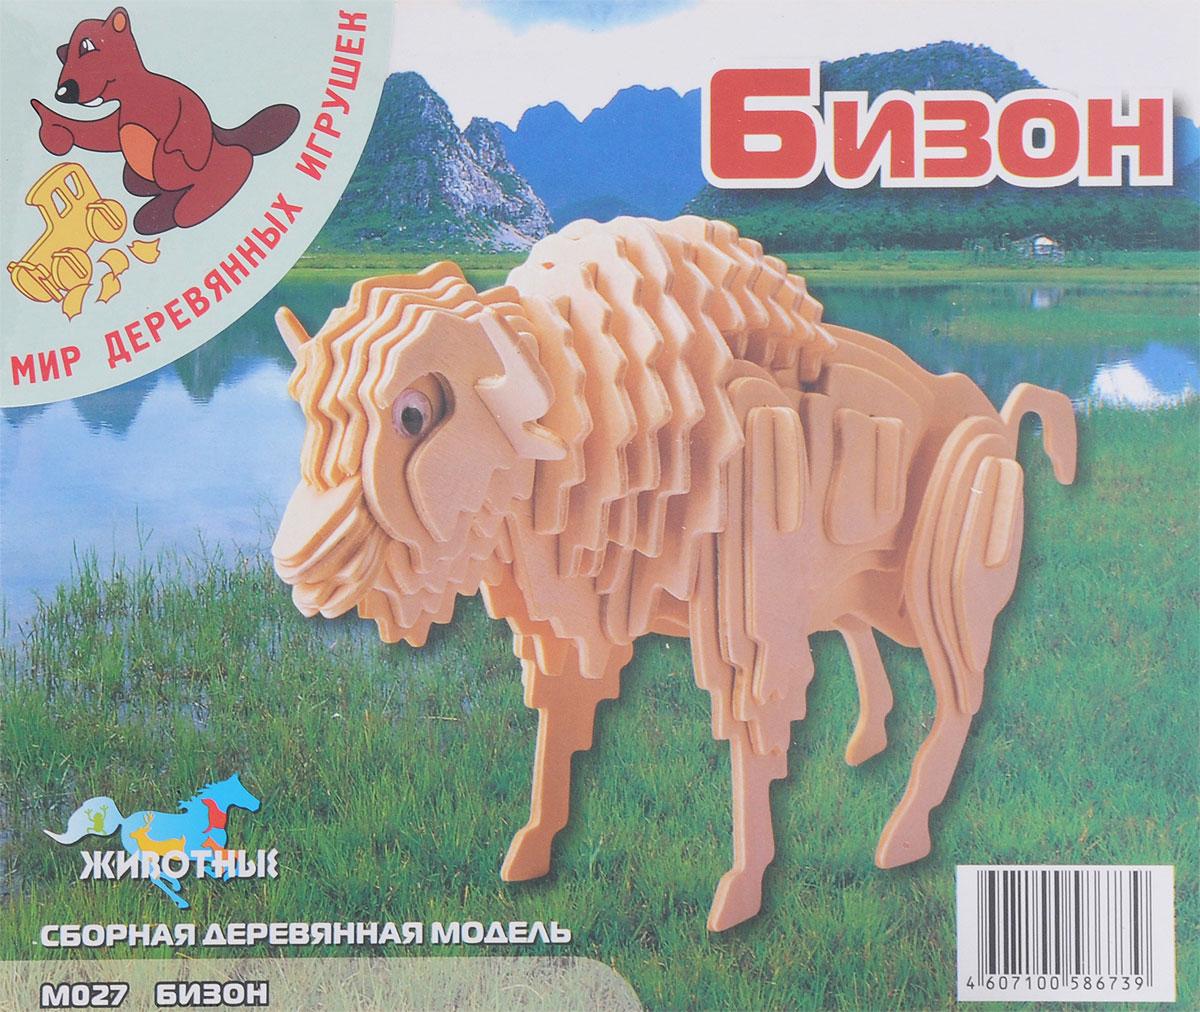 Мир деревянных игрушек Деревянная модель БизонМ027Деревянная модель Игрушки из дерева Бизон выполнена из экологически чистой древесины, не содержит формальдегид. Детали модели выдавливаются из фанерной доски и собираются согласно инструкции. Лучше всего проклеивать места соединения клеем сразу при сборке, так собранная вами модель будет дольше радовать вас. Вы можете раскрасить вашу модель, используя любые краски. В этом случае нужно заранее продумать как общий дизайн модели, так и окраску каждой детали. При сборке модели развивается моторика рук, усидчивость, внимательность, пространственное и абстрактное мышления. Производитель рекомендует использовать темперные краски. После можно покрыть лаком.